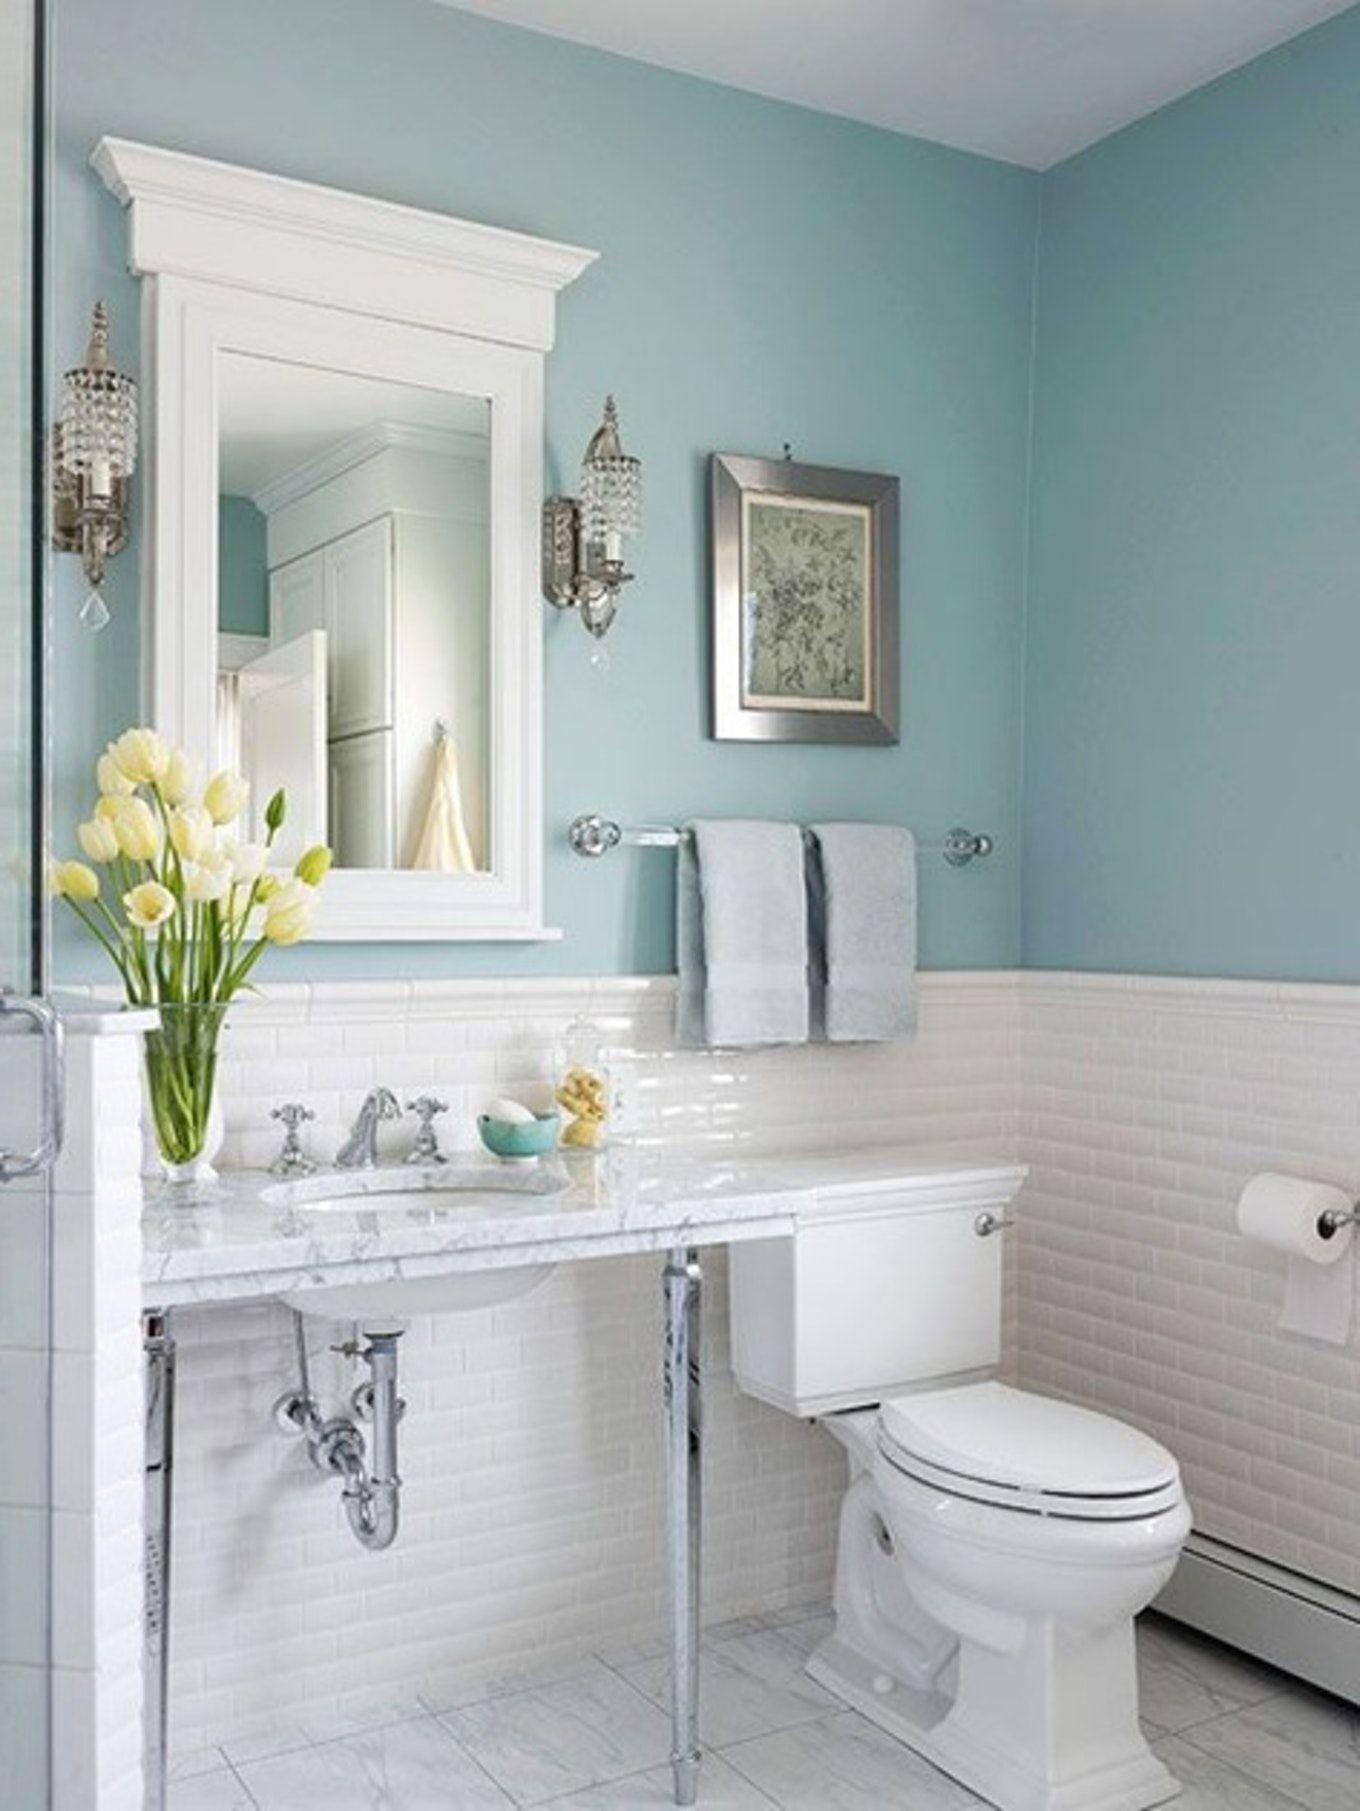 Grune Wande Im Schlafzimmer Kleine Badezimmer Design Blaues